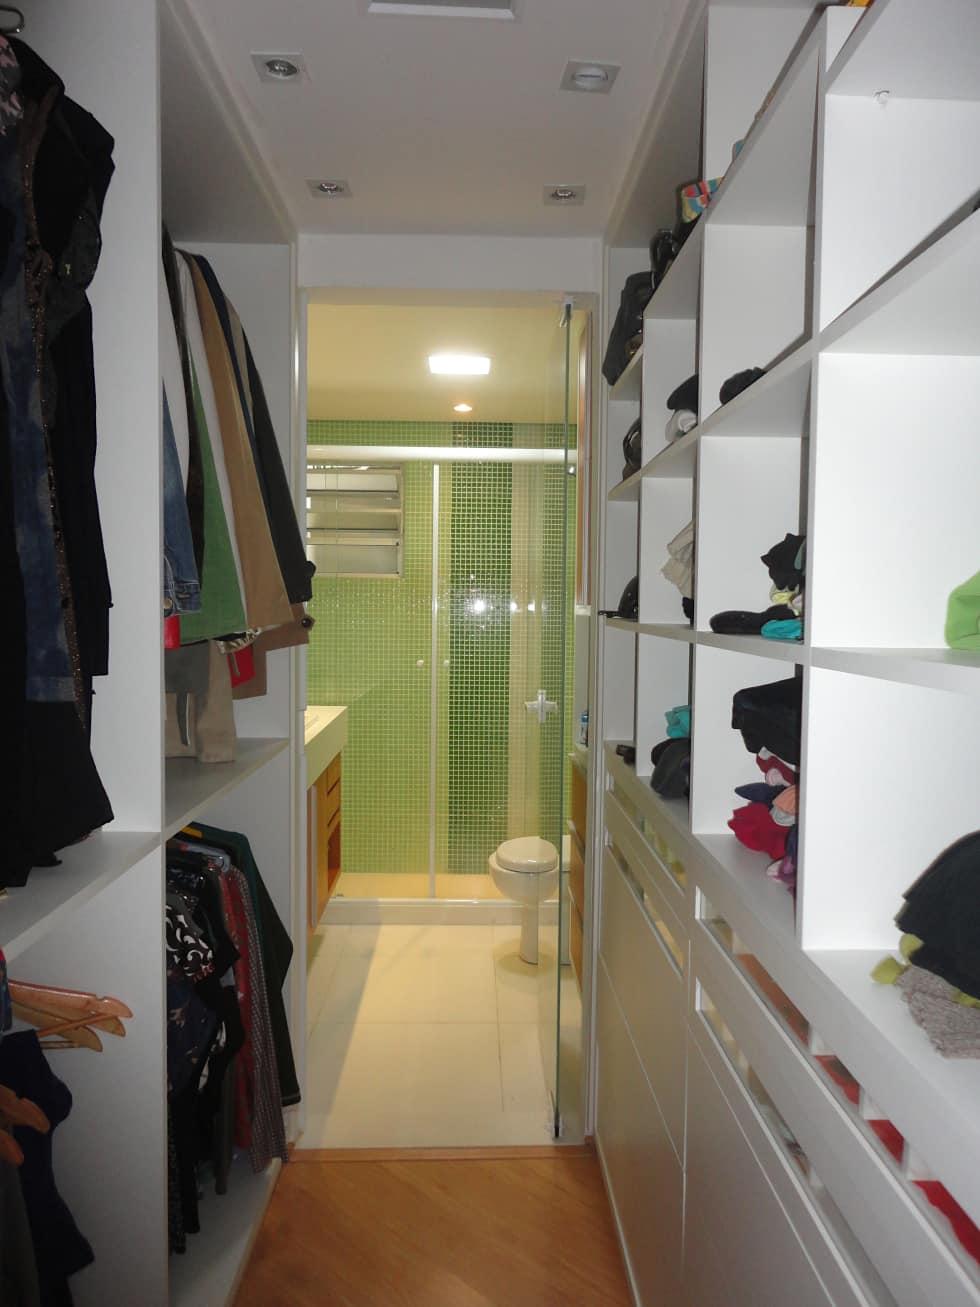 Extremamente Closet com banheiro: 50 inspirações para adotar essa integração RK19